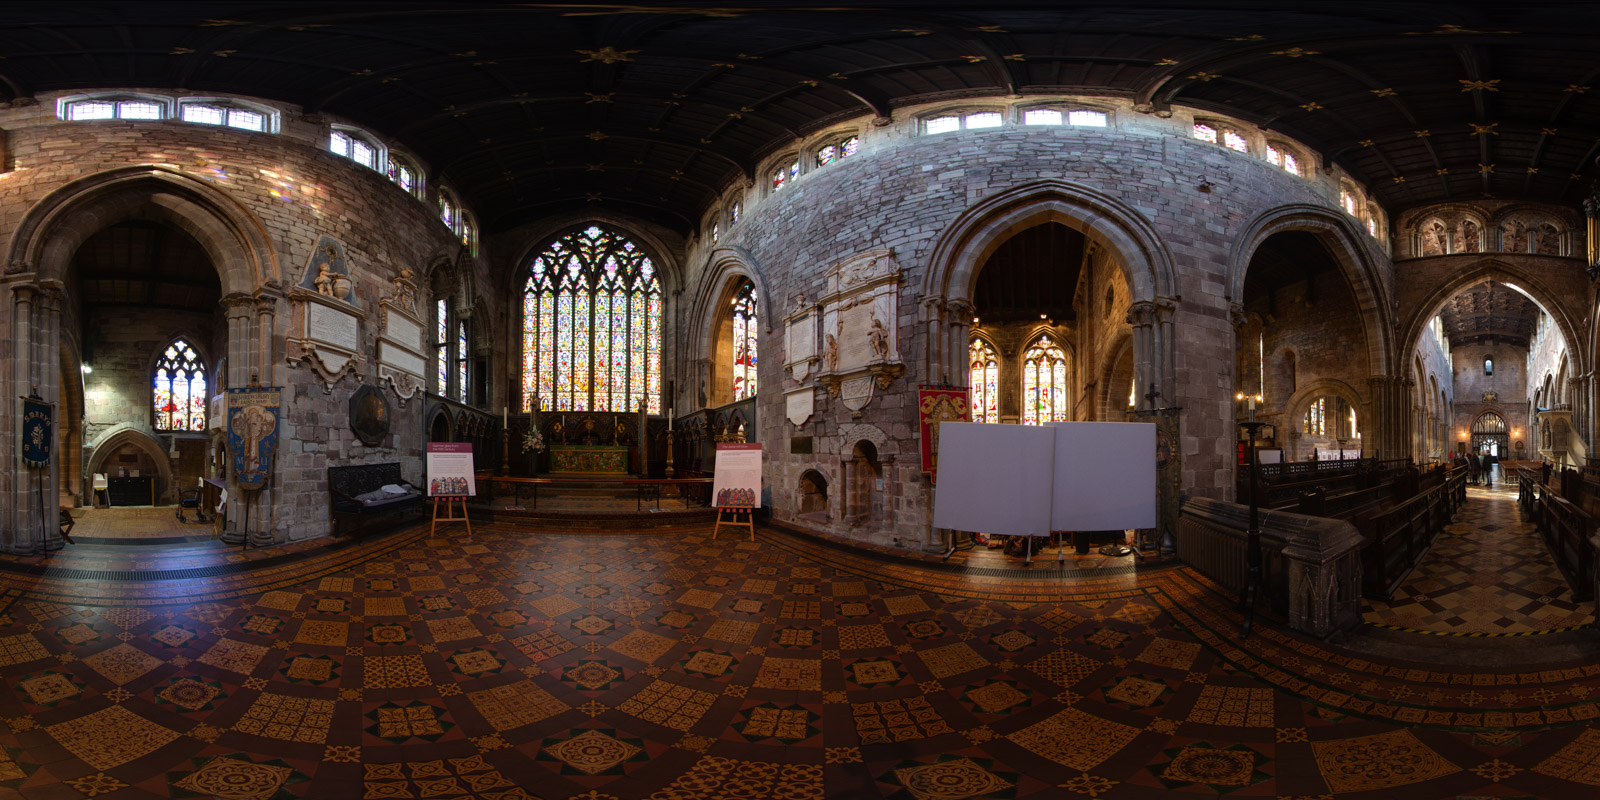 St Mary the Virgin, Shrewsbury